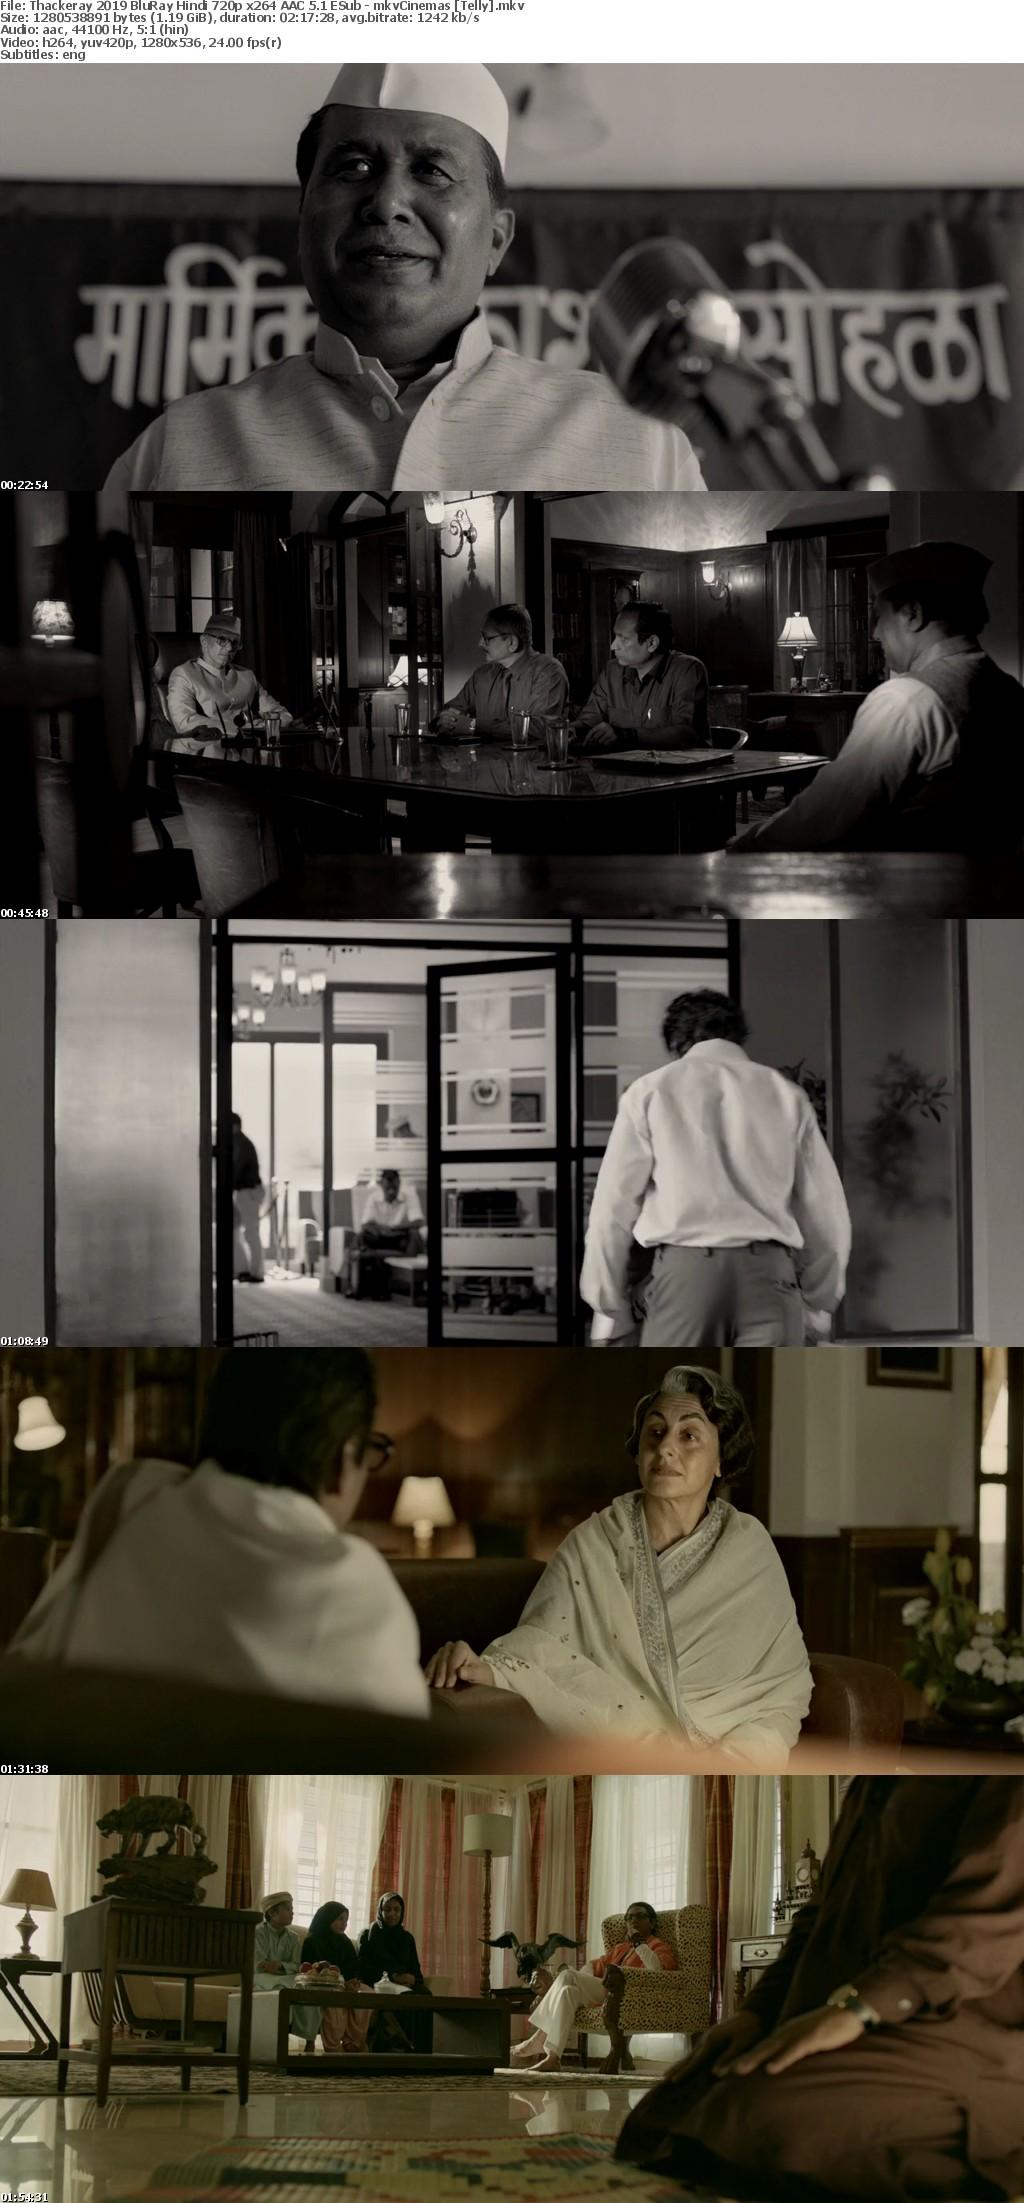 Thackeray 2019 BluRay Hindi 720p x264 AAC 5 1 ESub - mkvCinemas [Telly]